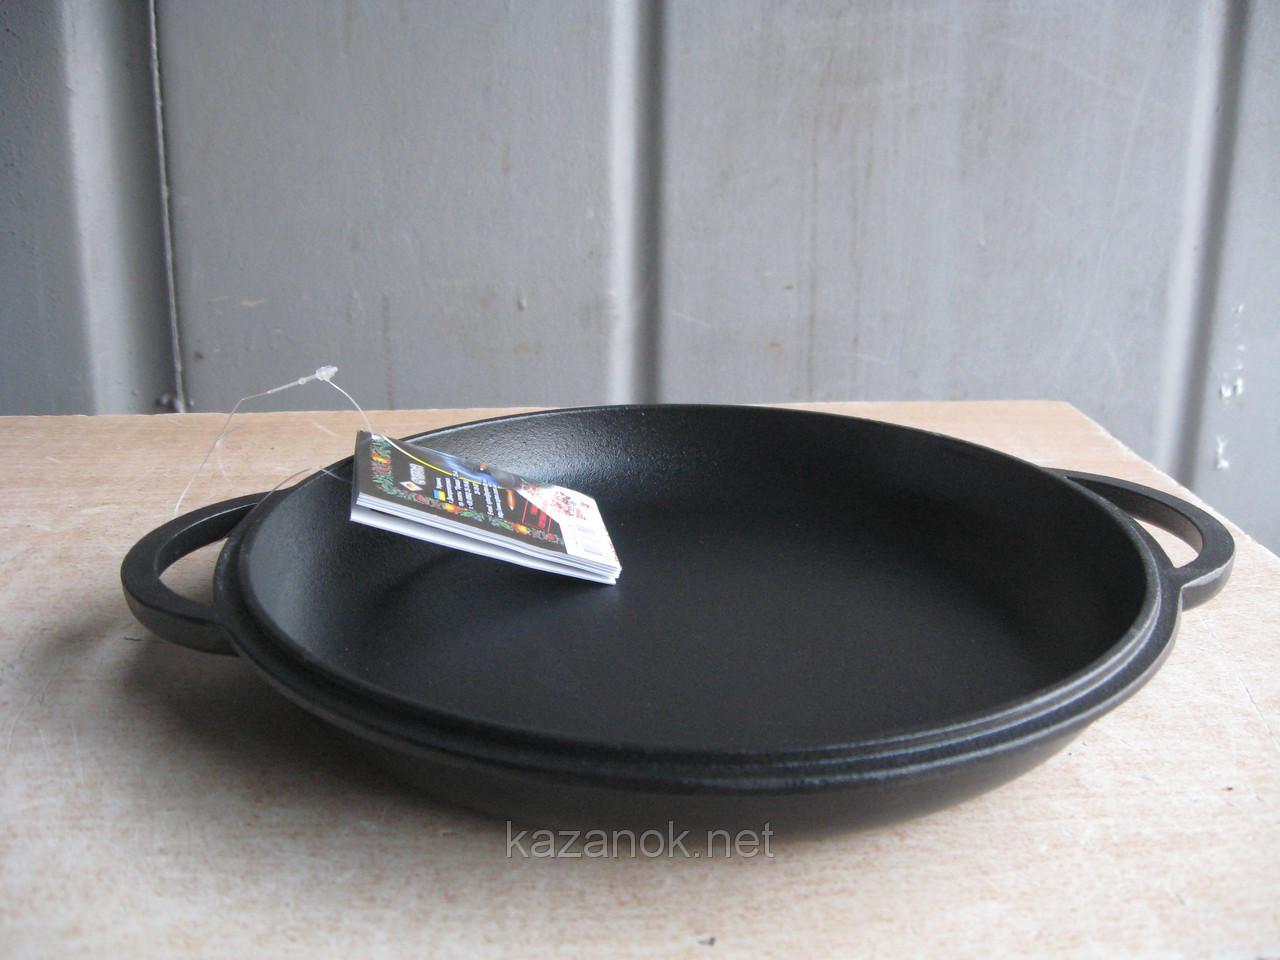 Крышка-сковорода чугунная, не эмалированная, ТМ Термо. Диаметр 260мм.